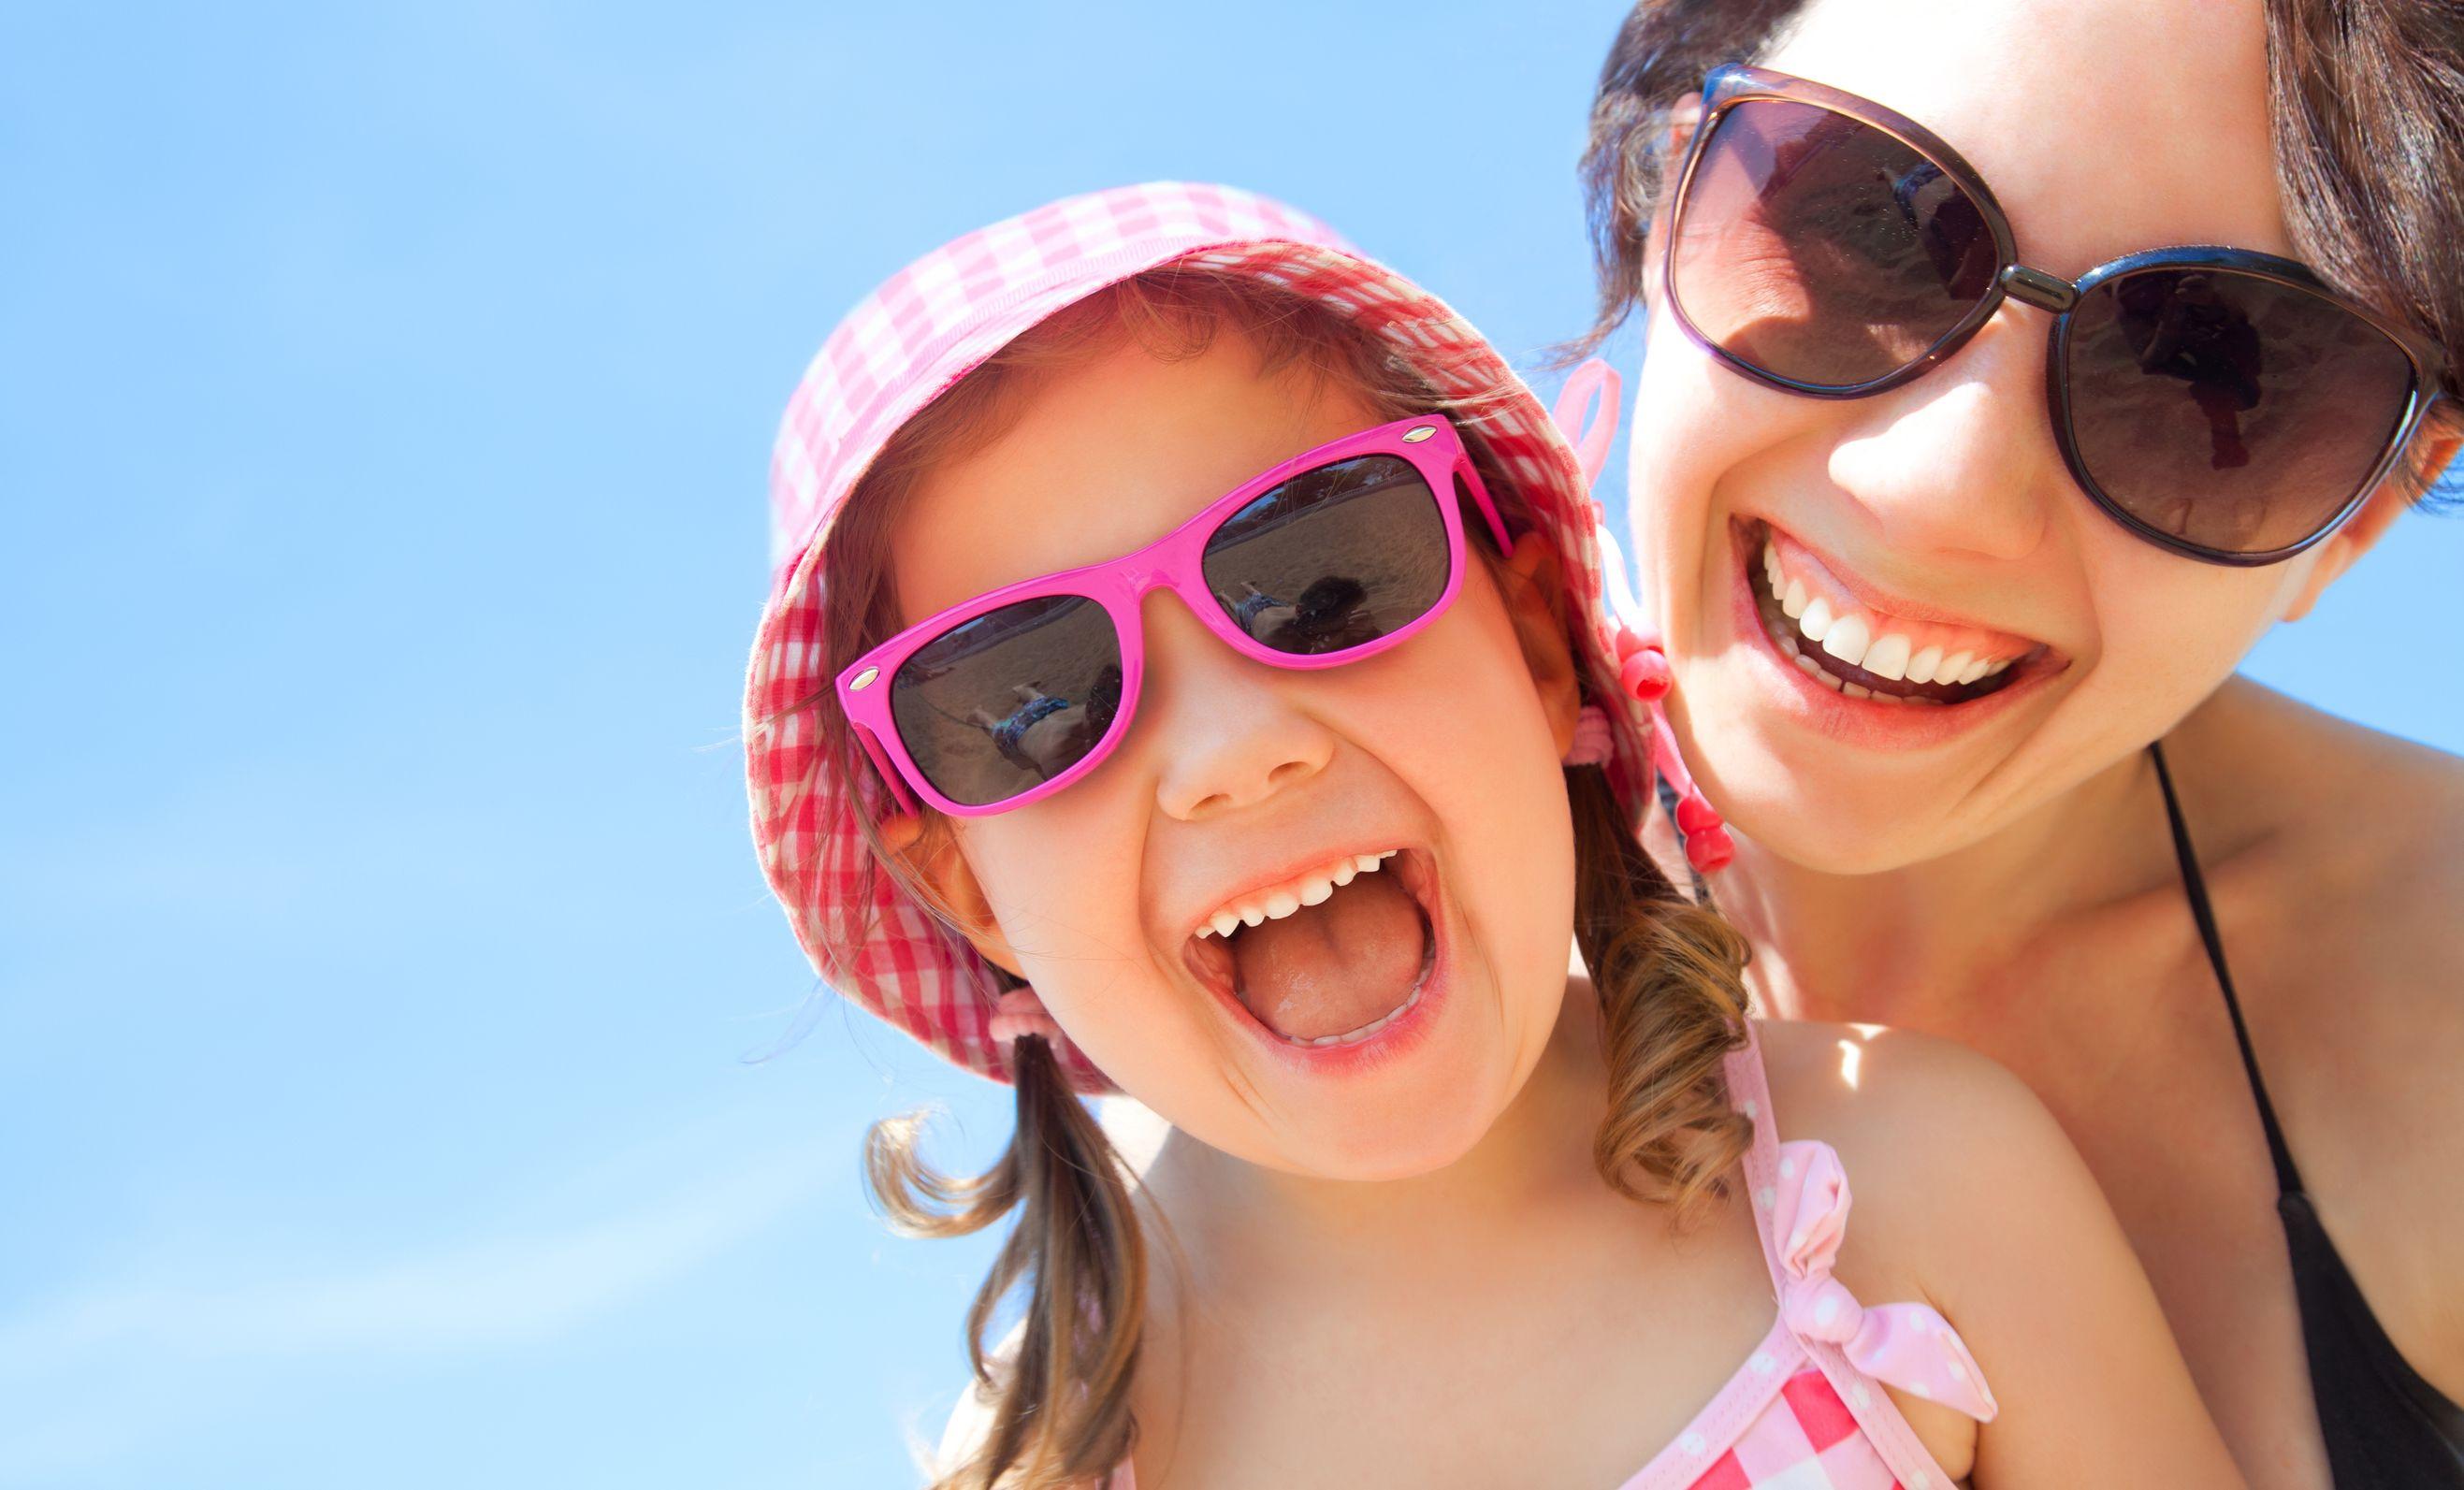 661d245b15f0e Óculos de sol infantis  eles merecem!